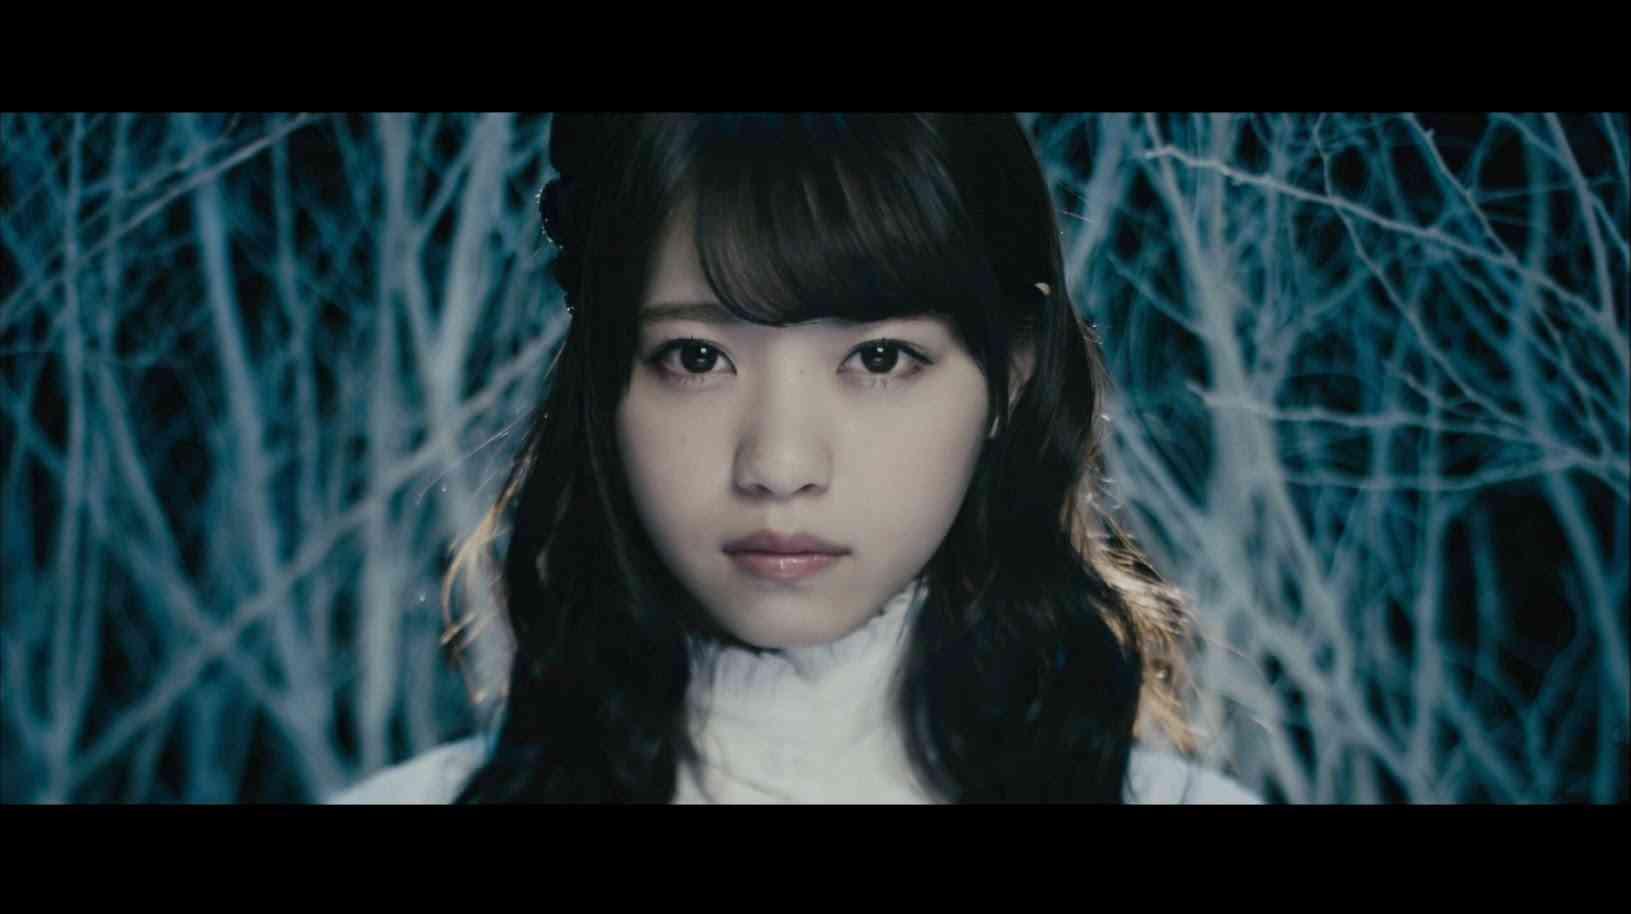 乃木坂46 『命は美しい』 - YouTube